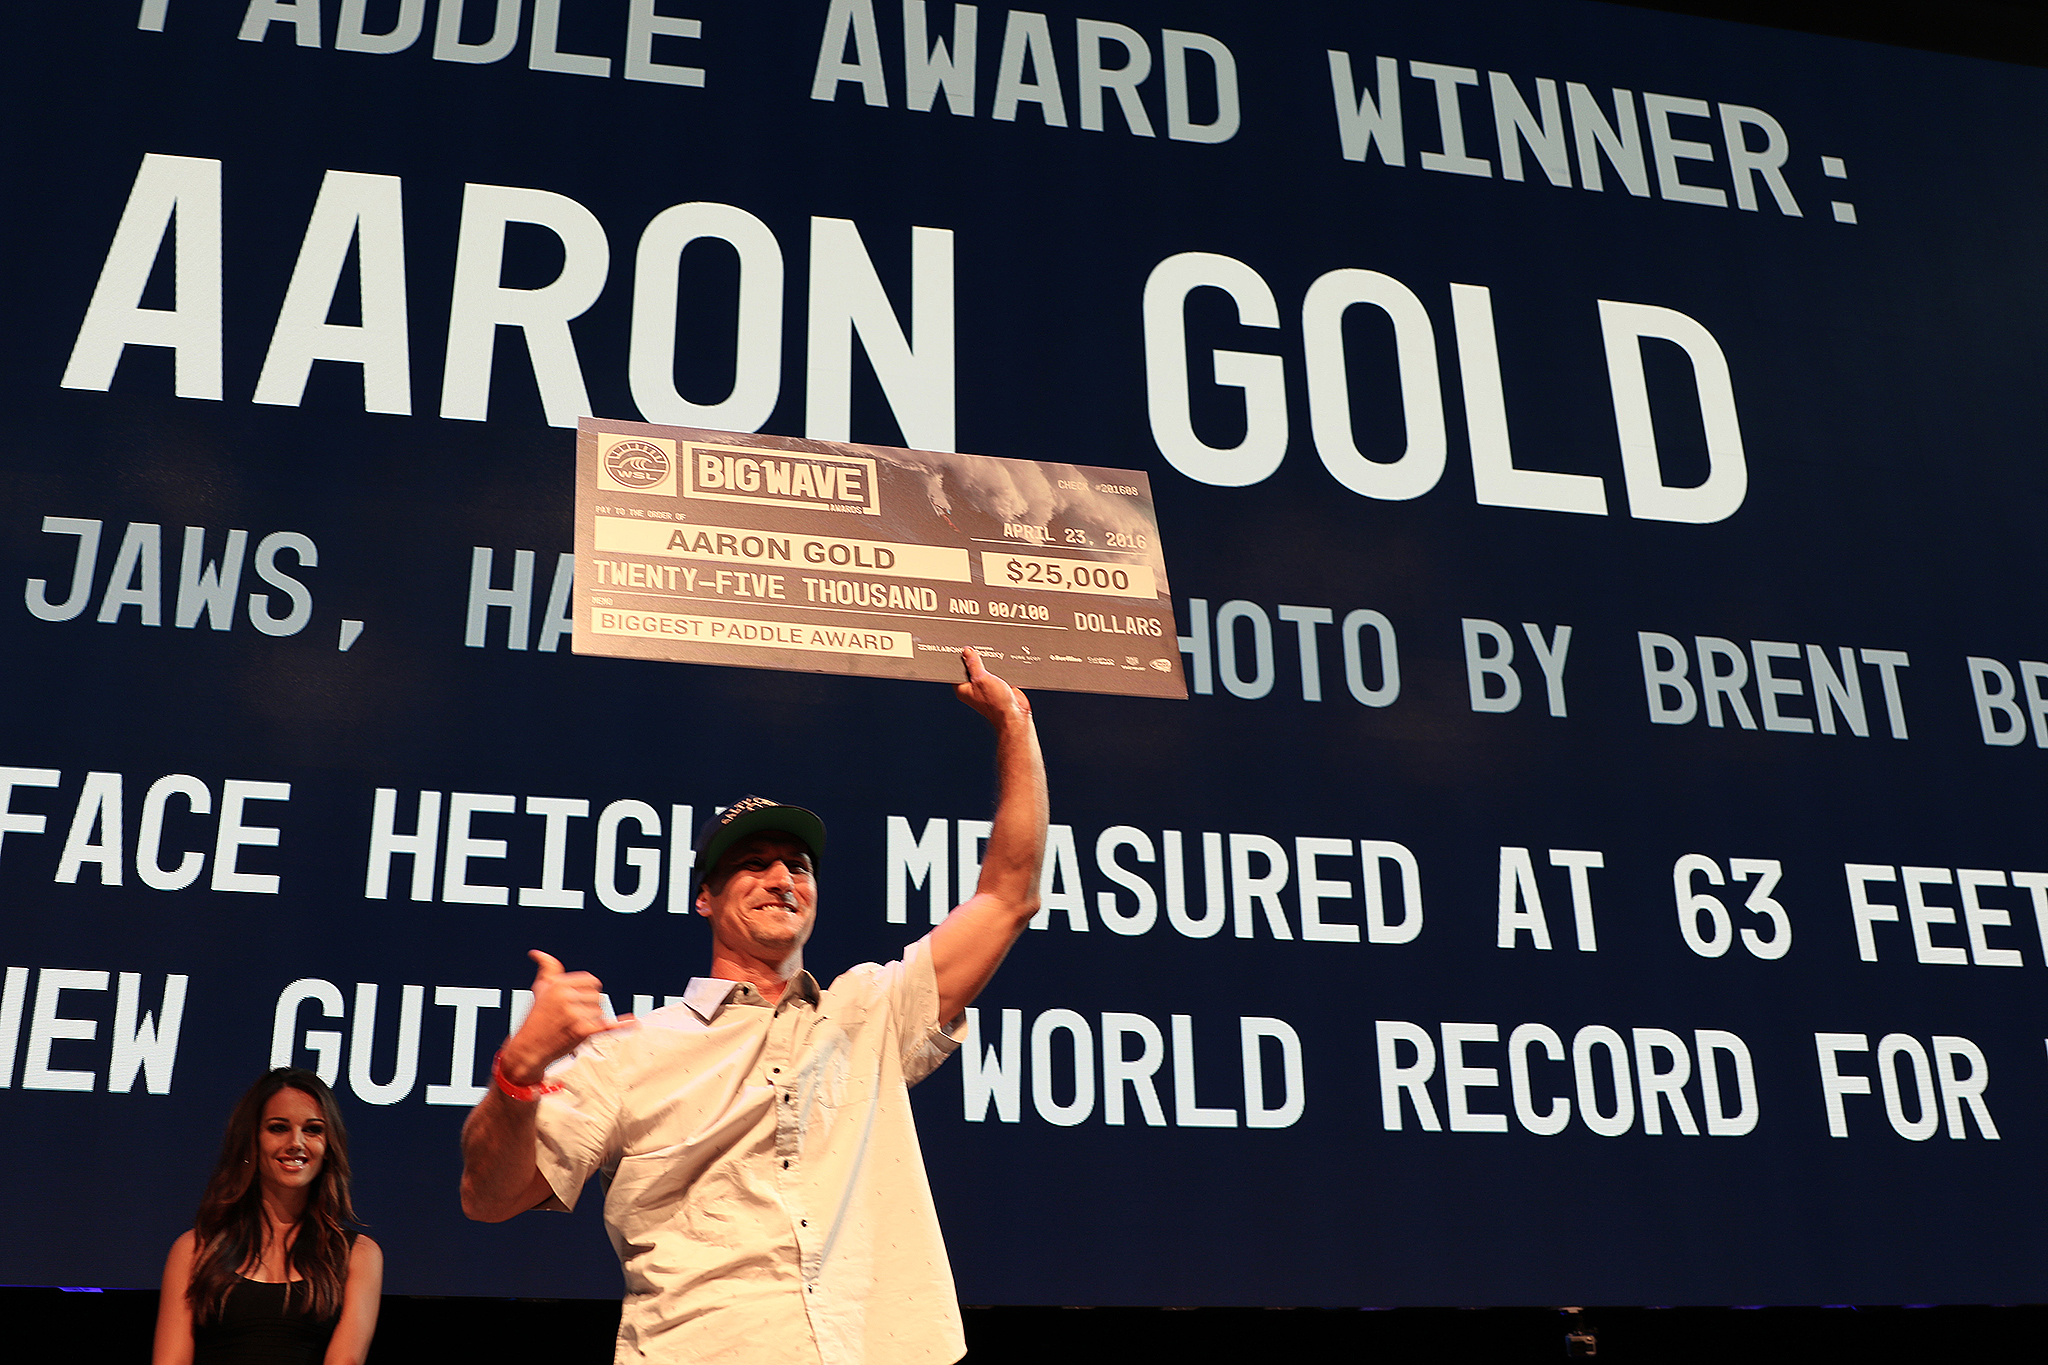 Aaron Gold of Hawaii